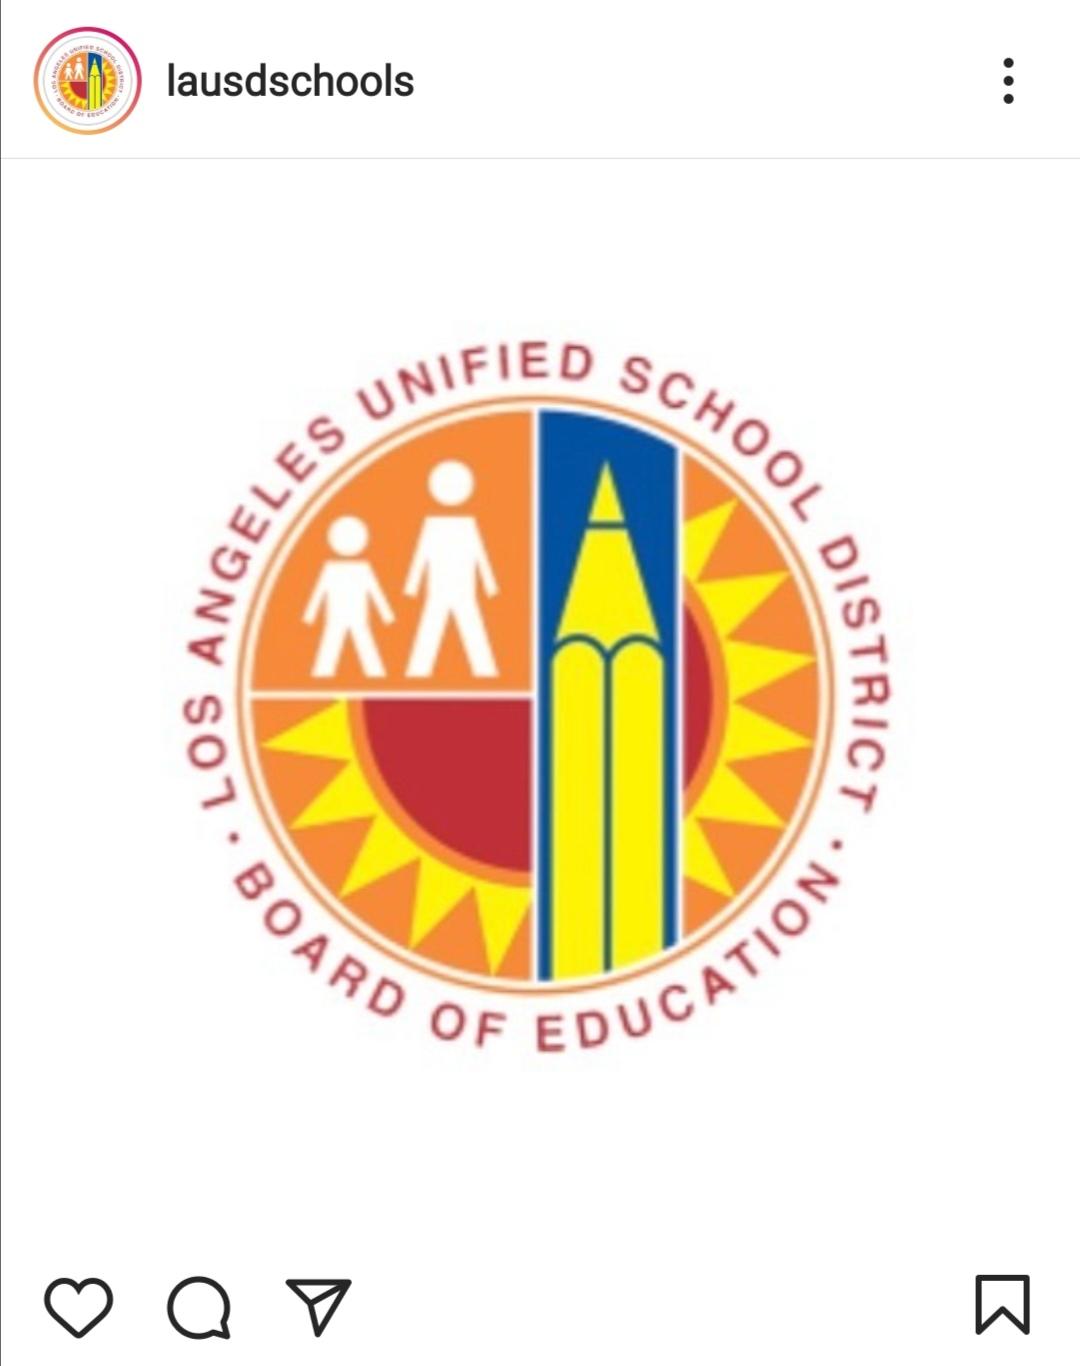 دائرة مدارس لوس أنجلوس الموحدة LAUSD- الصورة من حساب LAUSD على إنستغرام